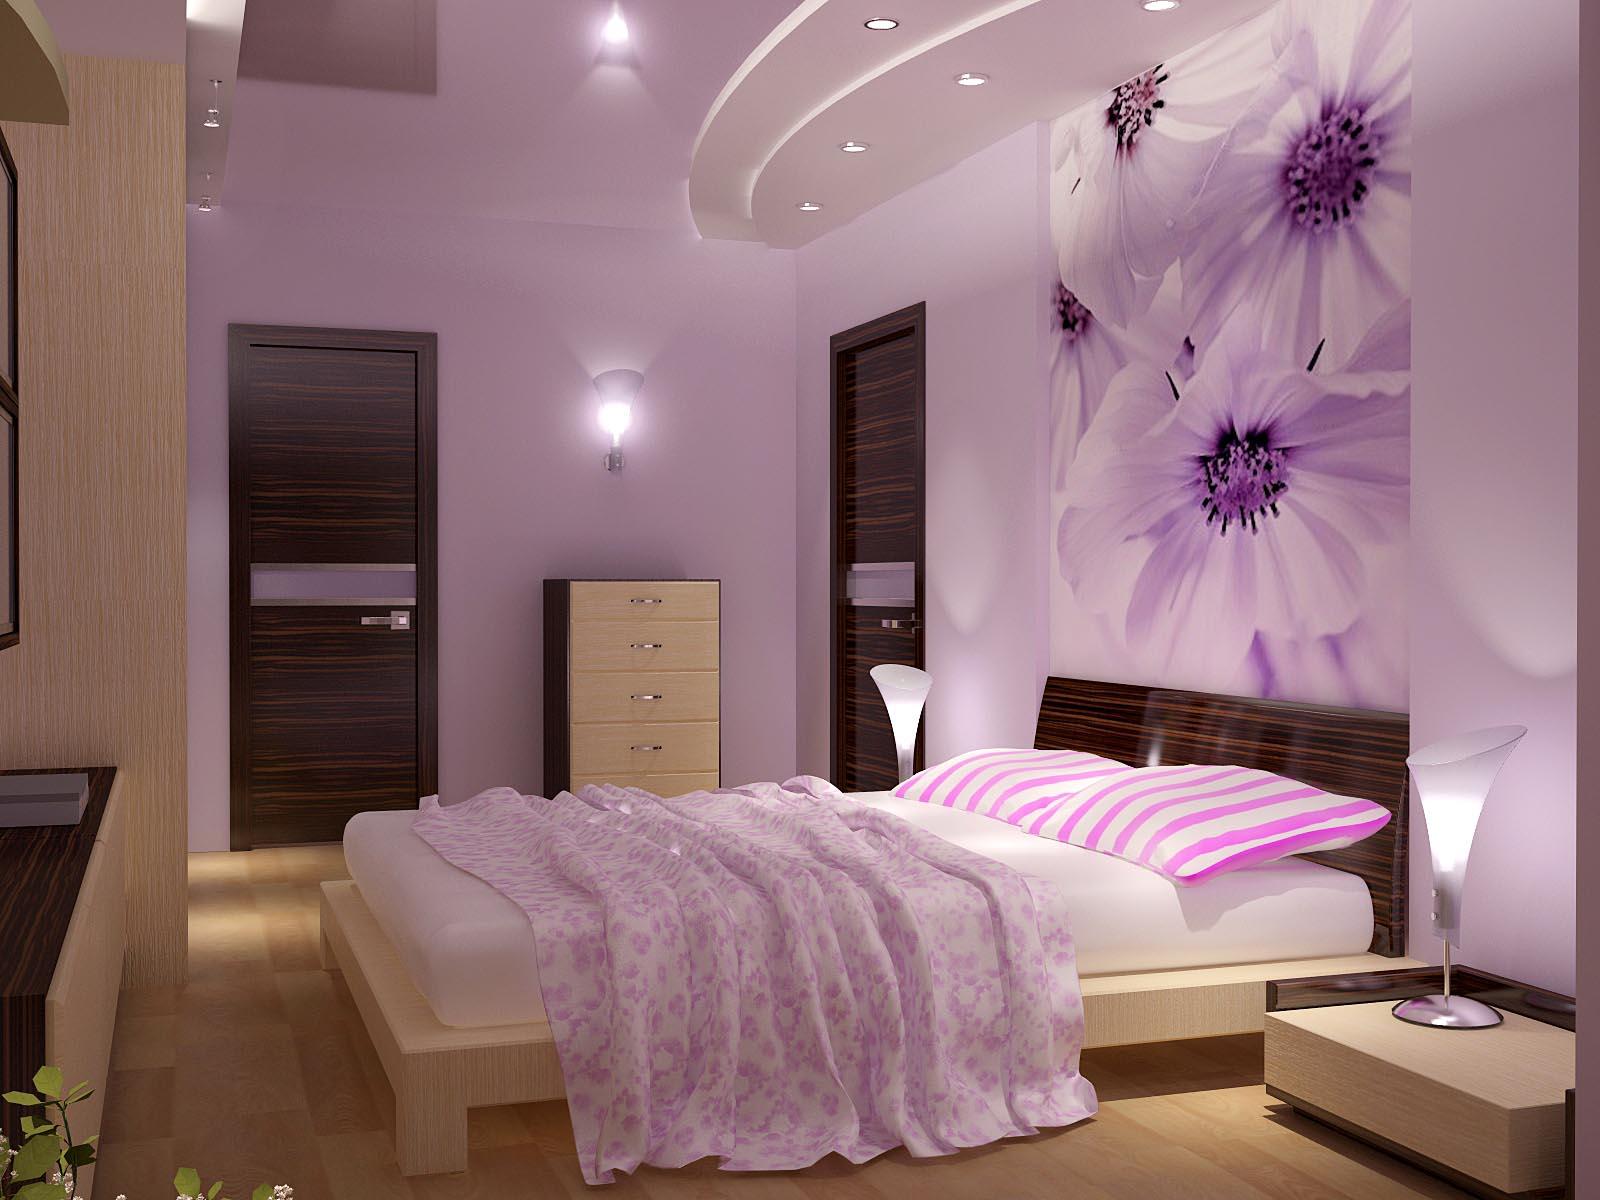 Дизайн квартиры своими руками спальня фото 844